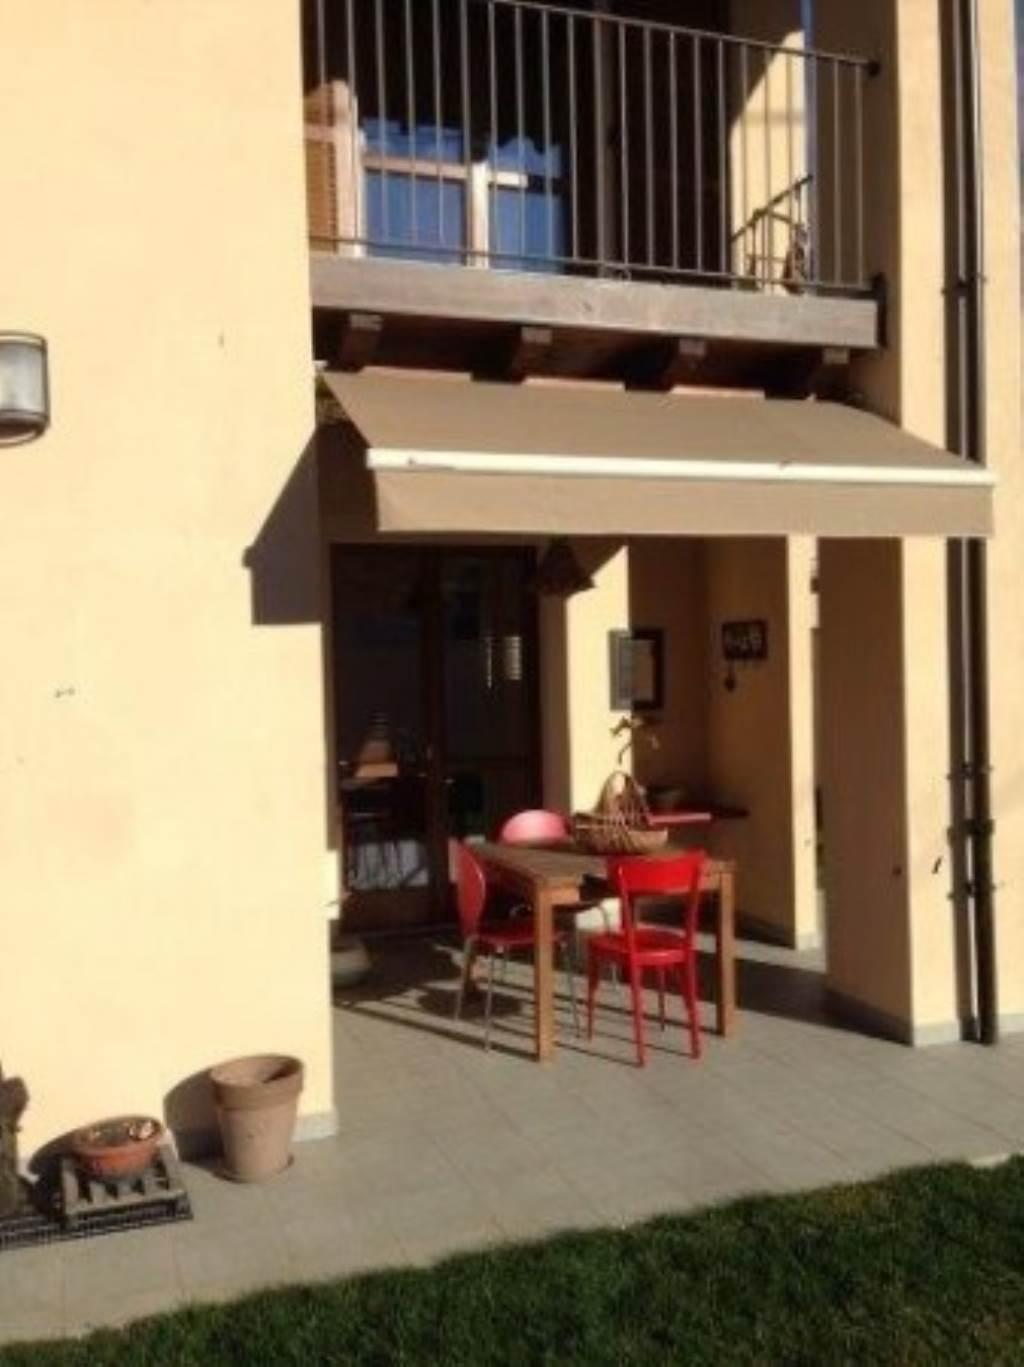 Villa in affitto a Cuneo, 8 locali, prezzo € 750 | Cambio Casa.it